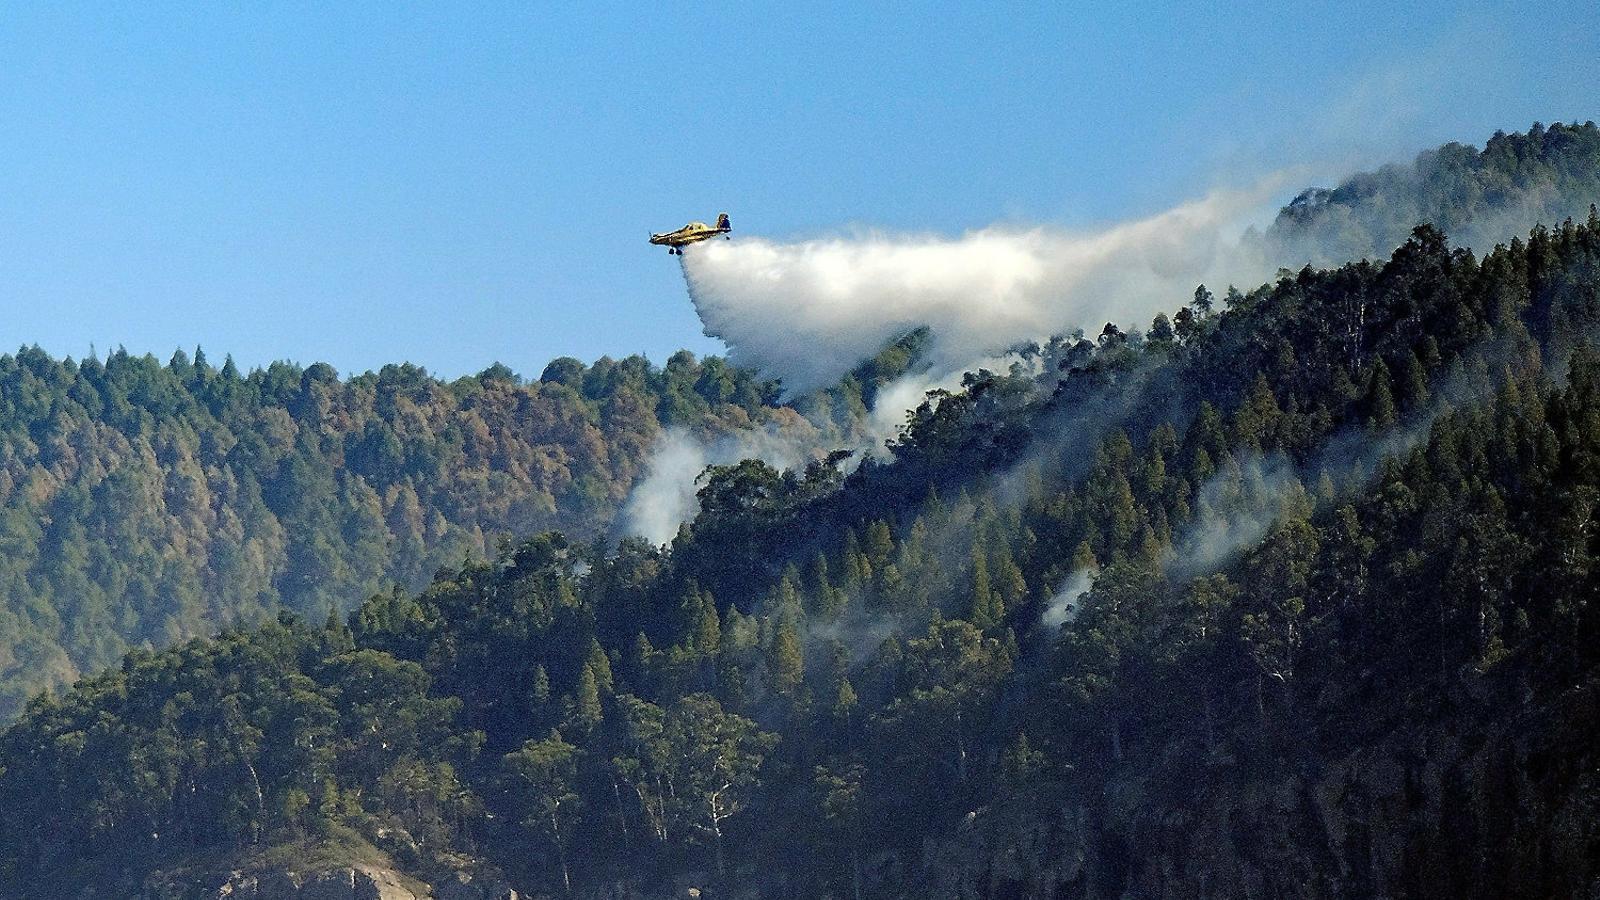 Una dotació aèria llançava ahir aigua sobre el foc que crema el Parc Natural de Tamabada.